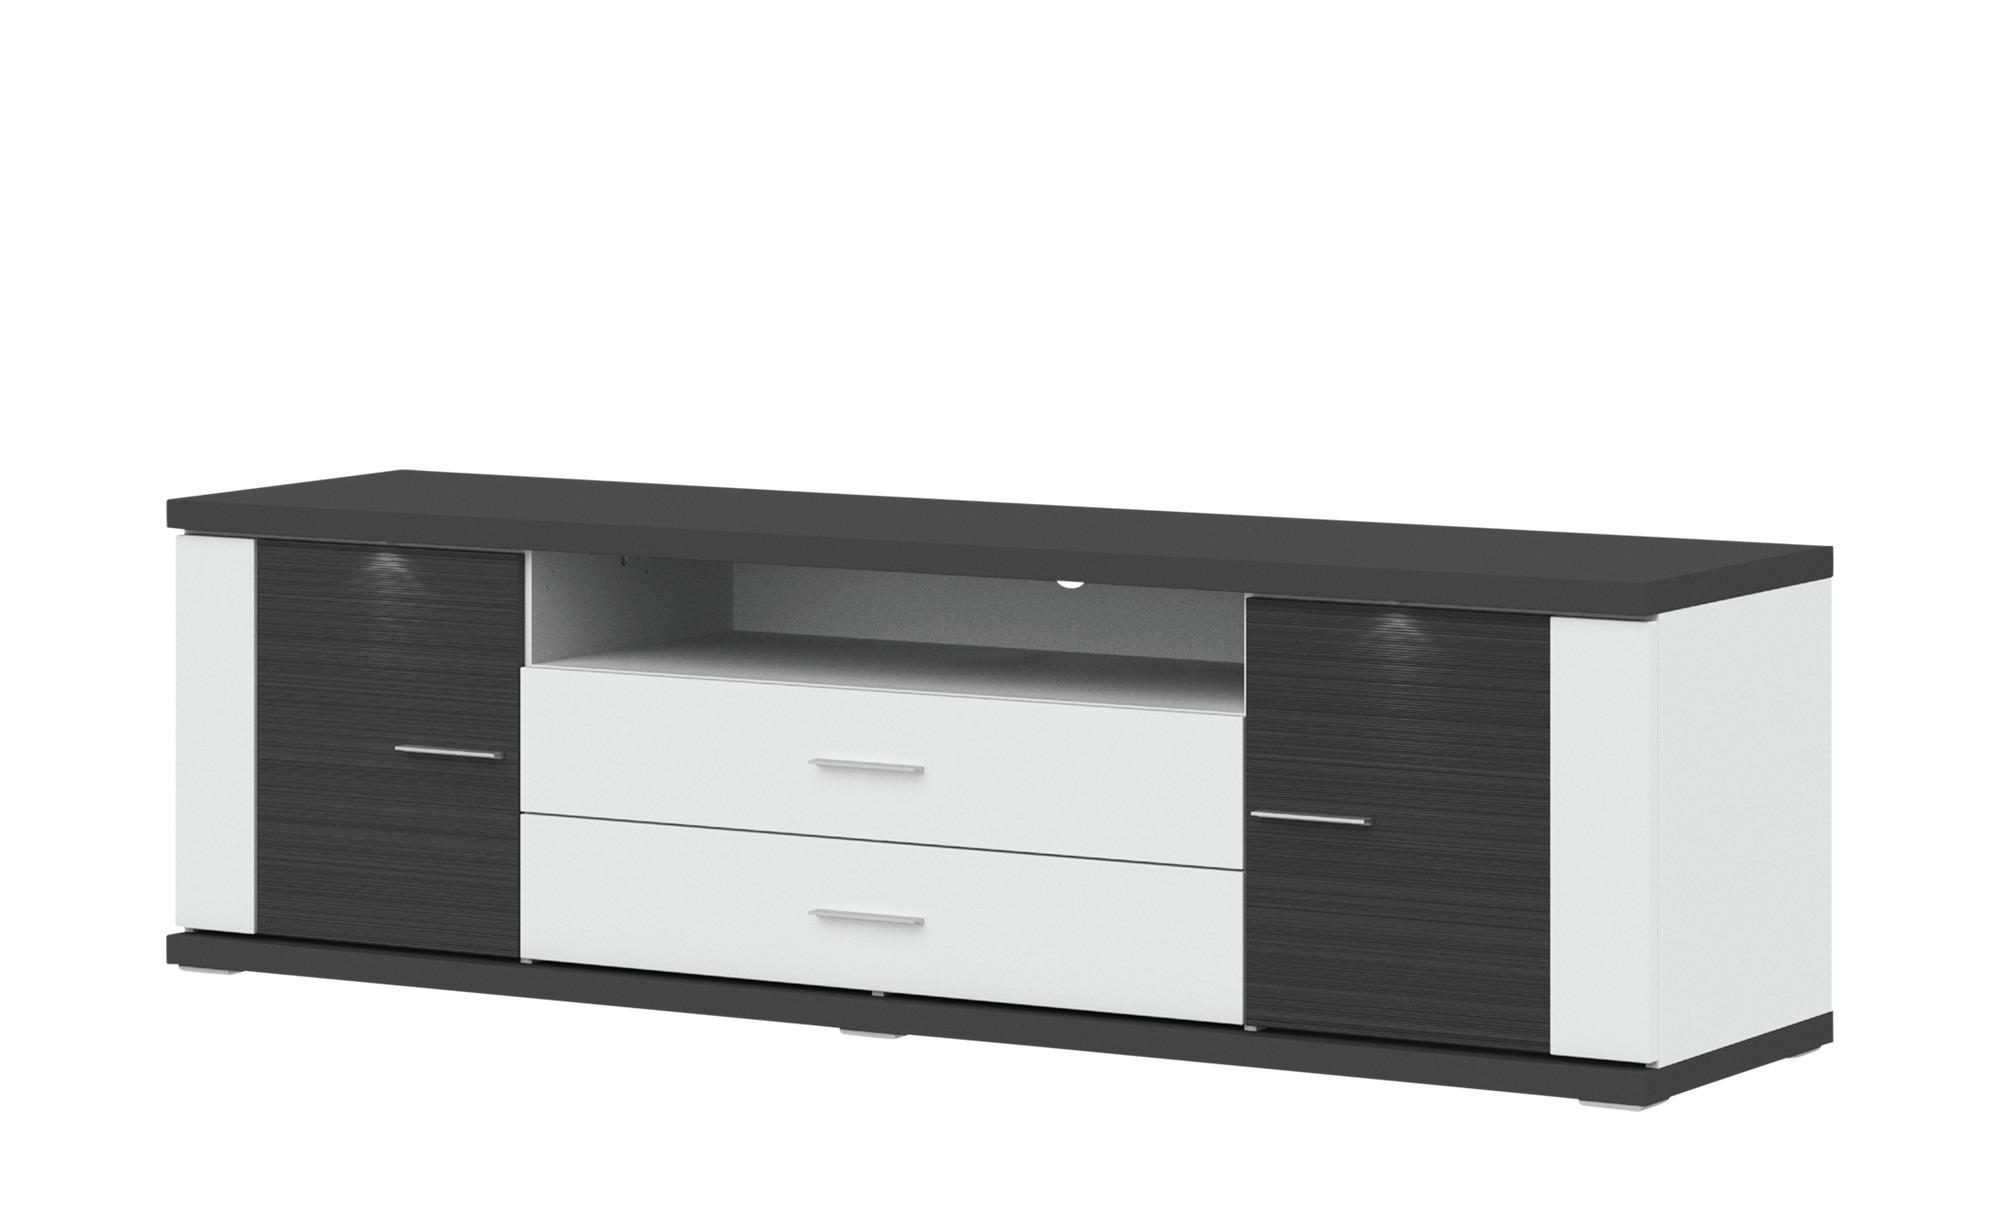 uno Lowboard Toulon - grau - 207 cm - 60 cm - 52 cm - Sconto